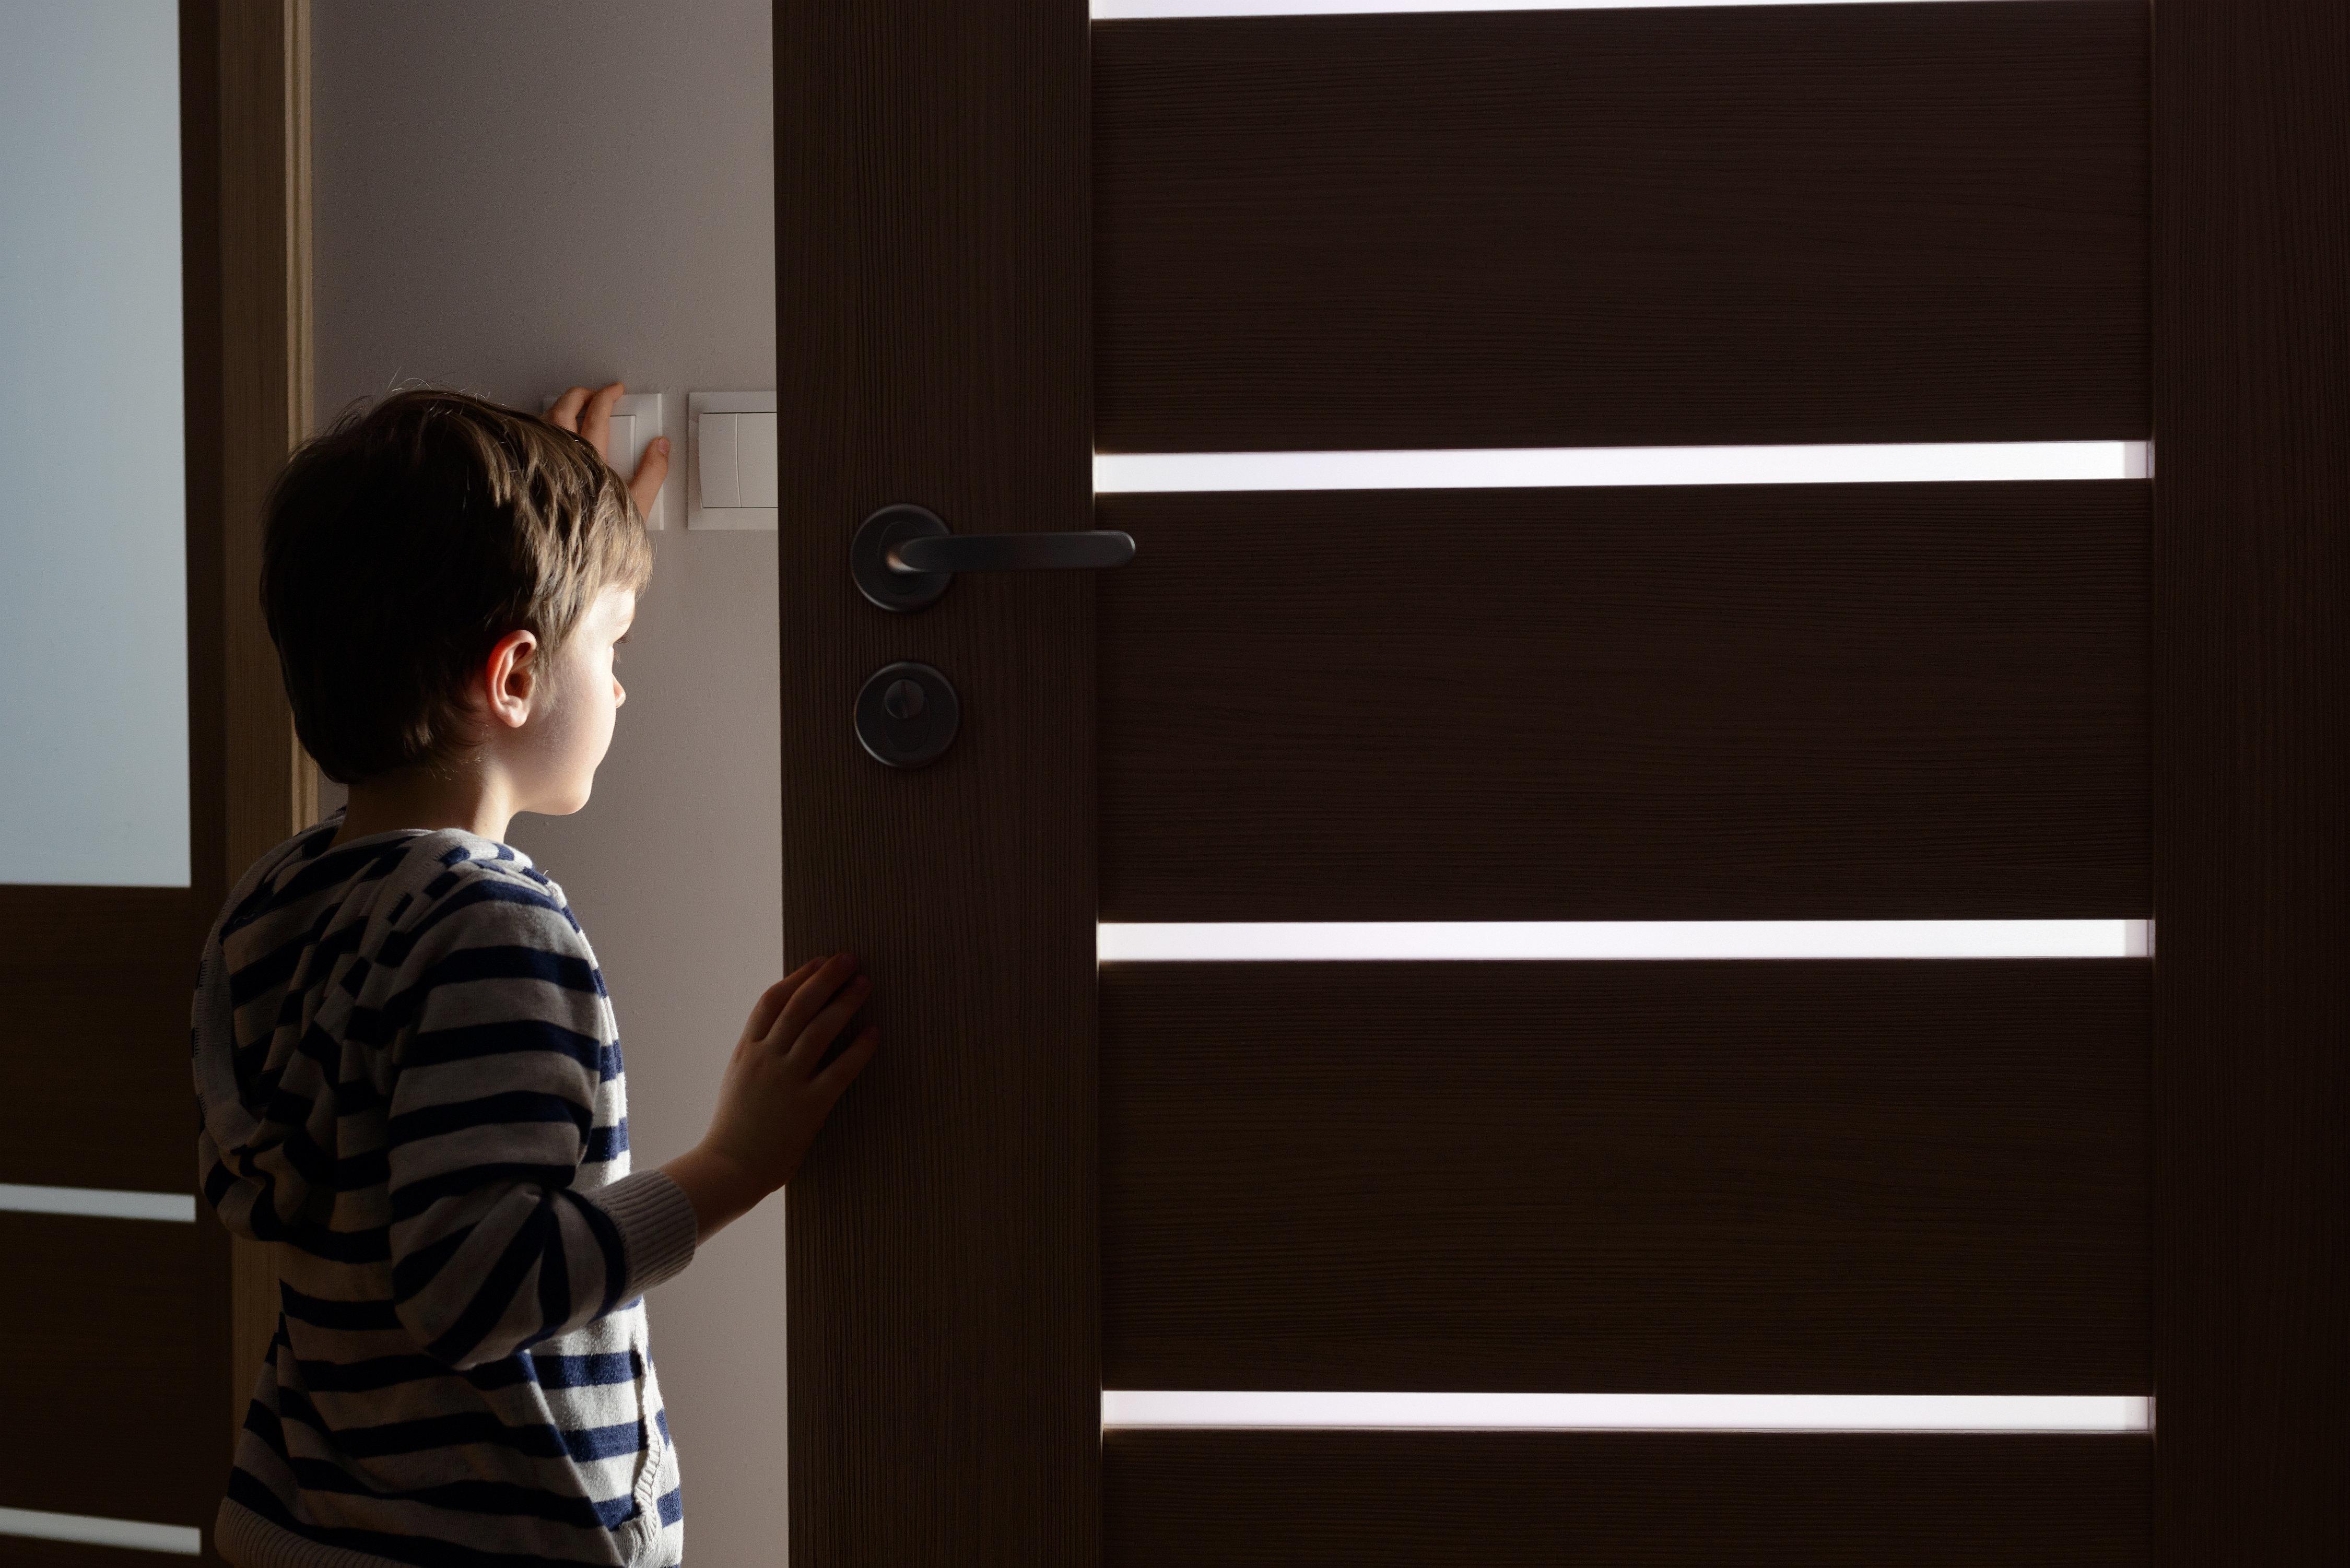 Die Kinder seien mehrfach im Dunkeln eingesperrt worden.